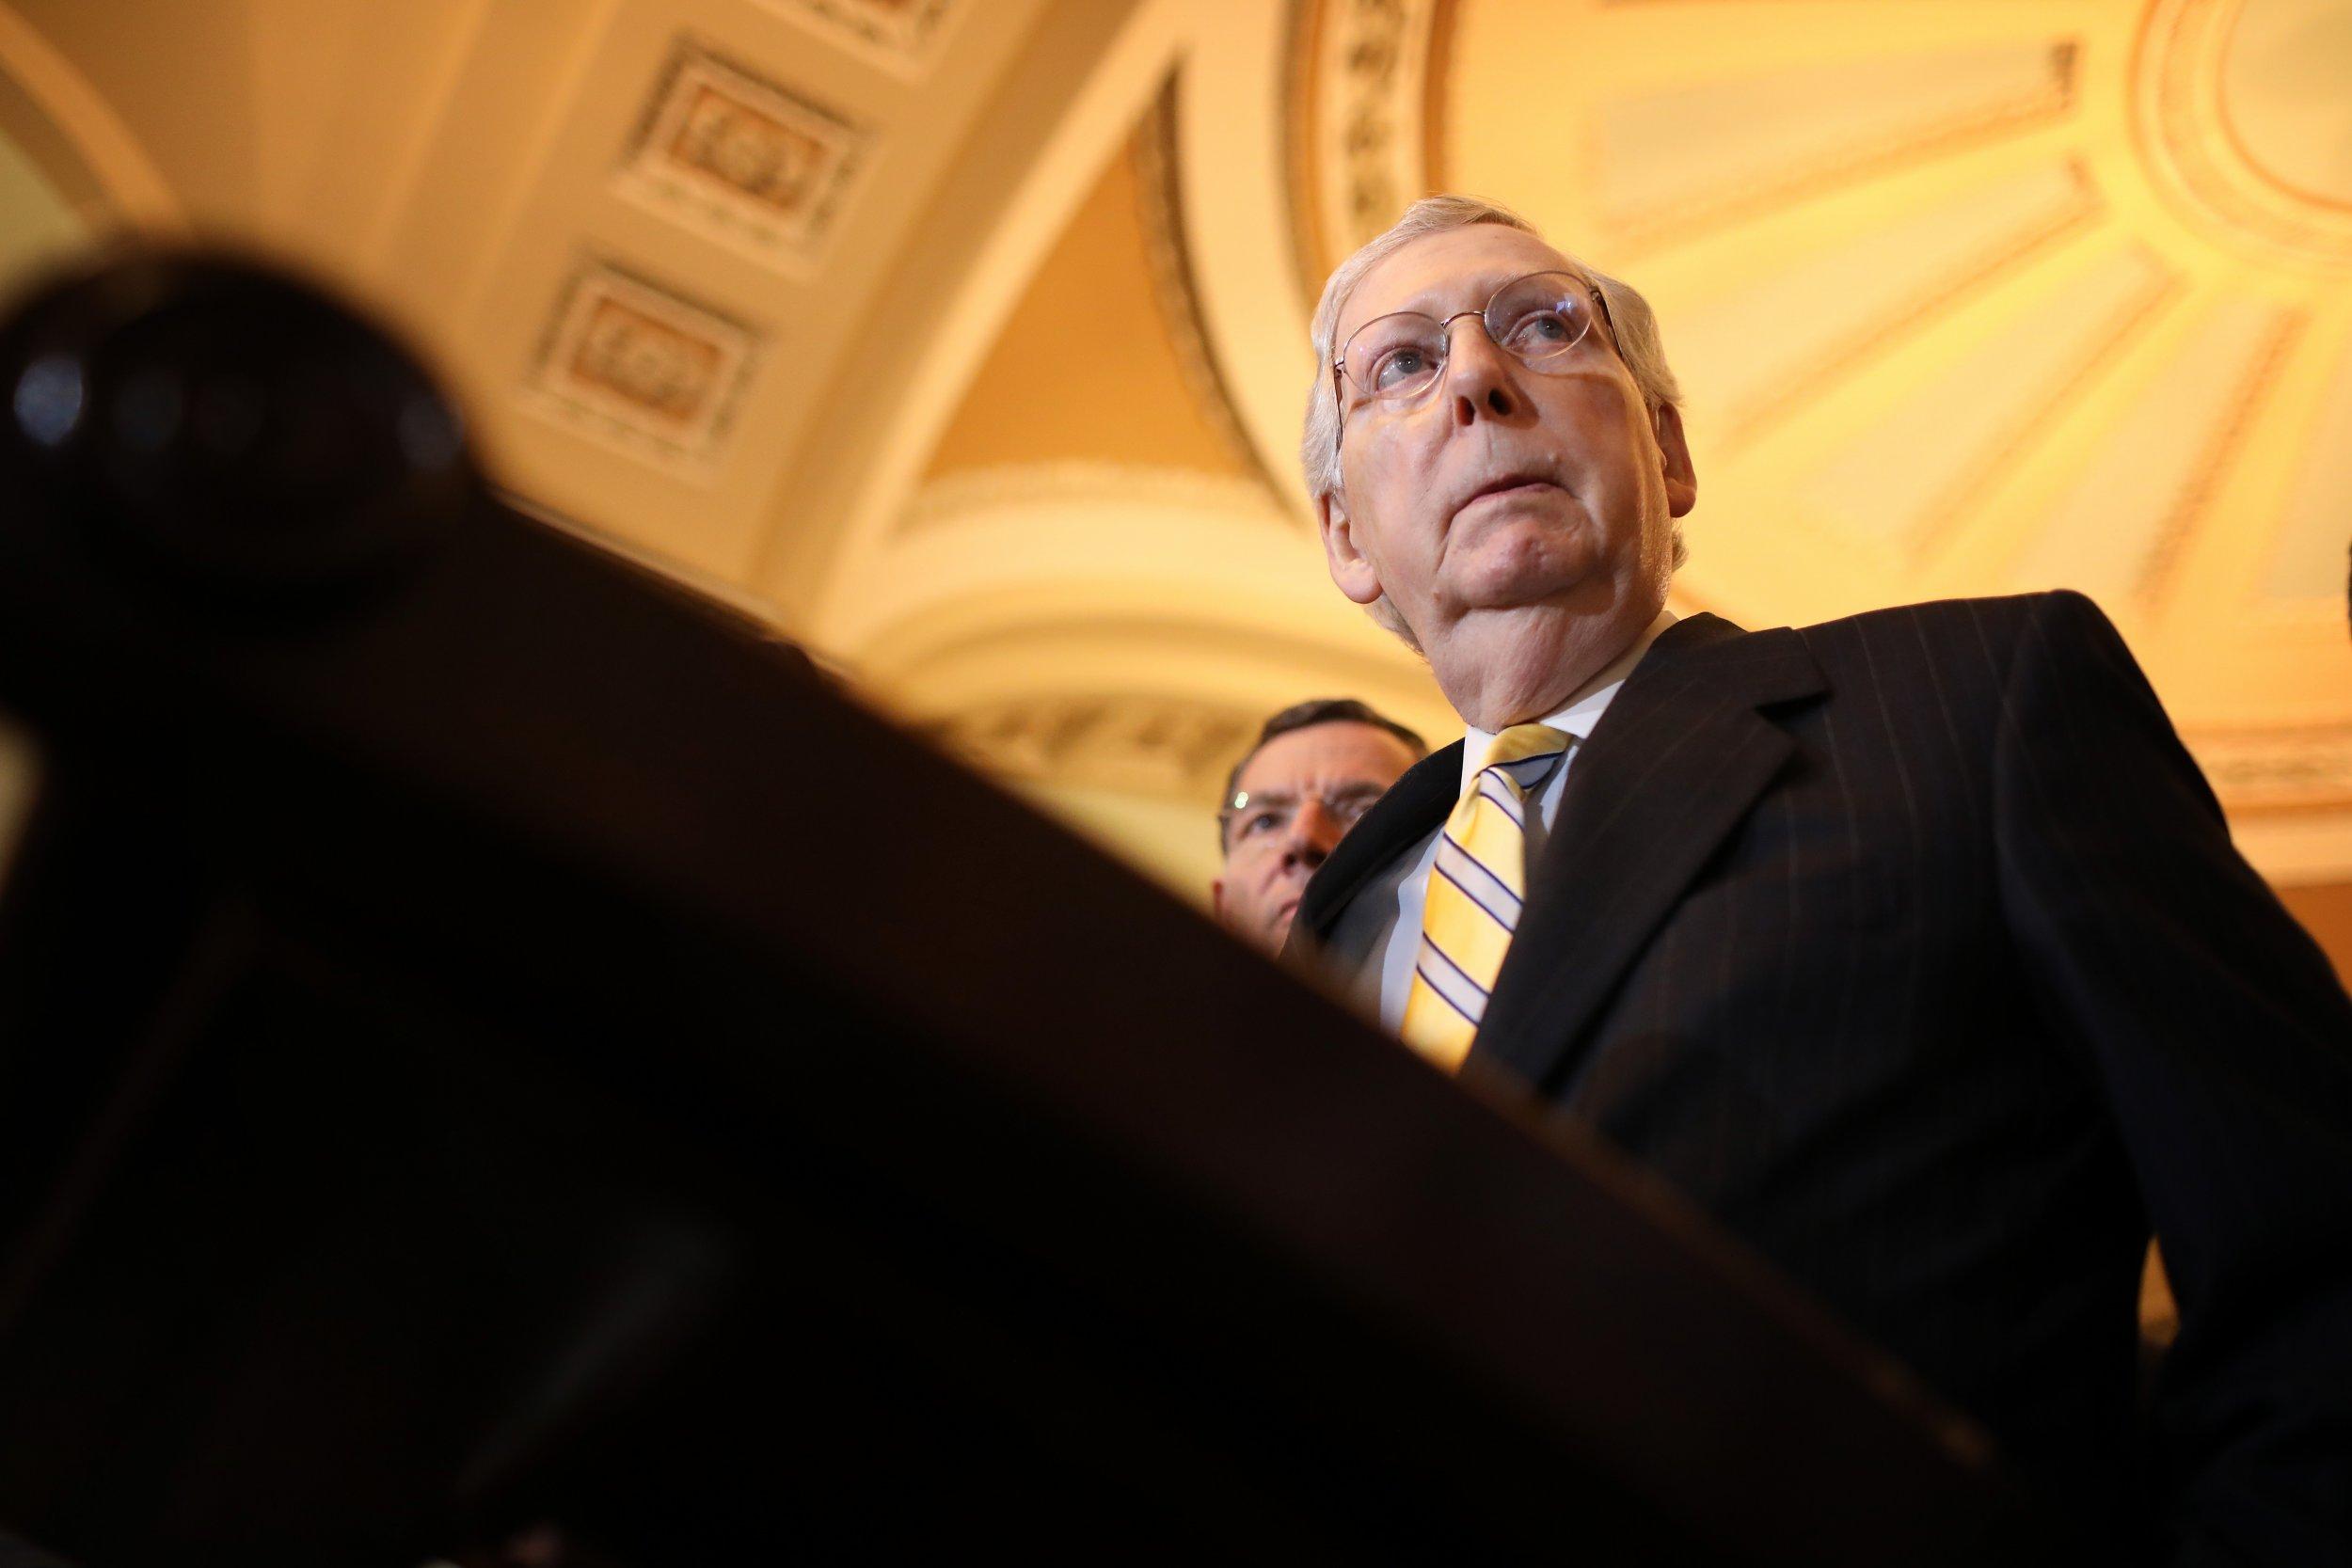 bipsartisan, frustration in senate over lack of legislation